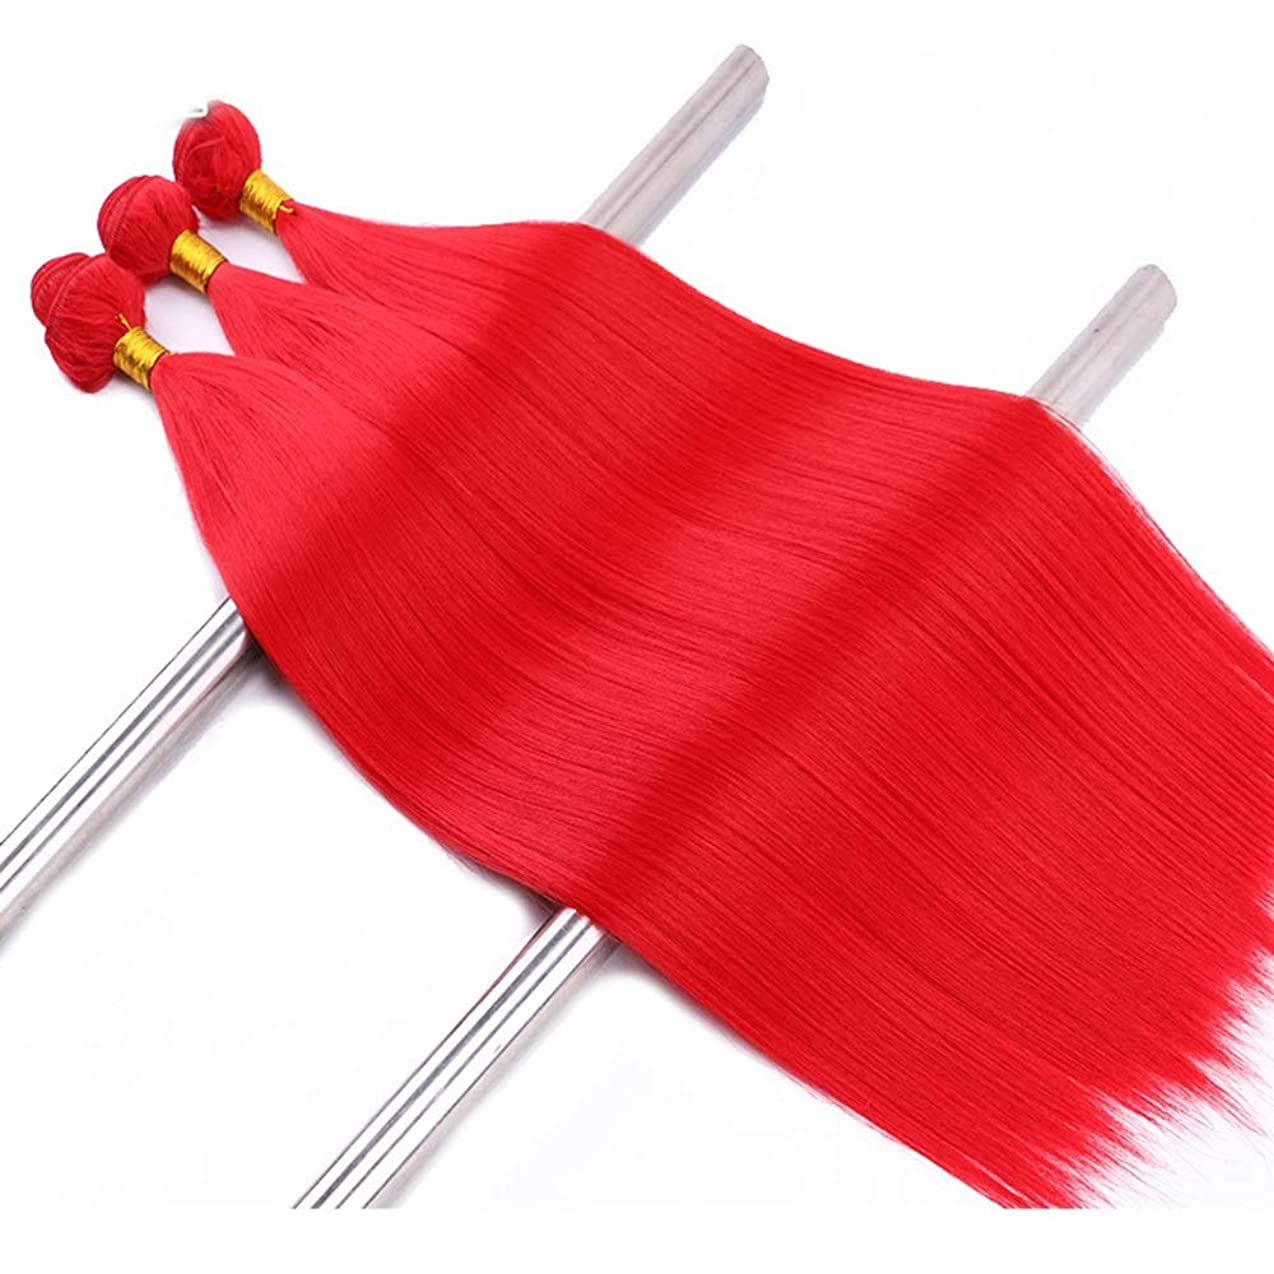 選択する収入襲撃YESONEEP レディース赤ストレートヘアカーテン耐熱繊維人工毛ウィッグウィッグ(3束)パーティーウィッグ (Color : Blonde, サイズ : 24inch)